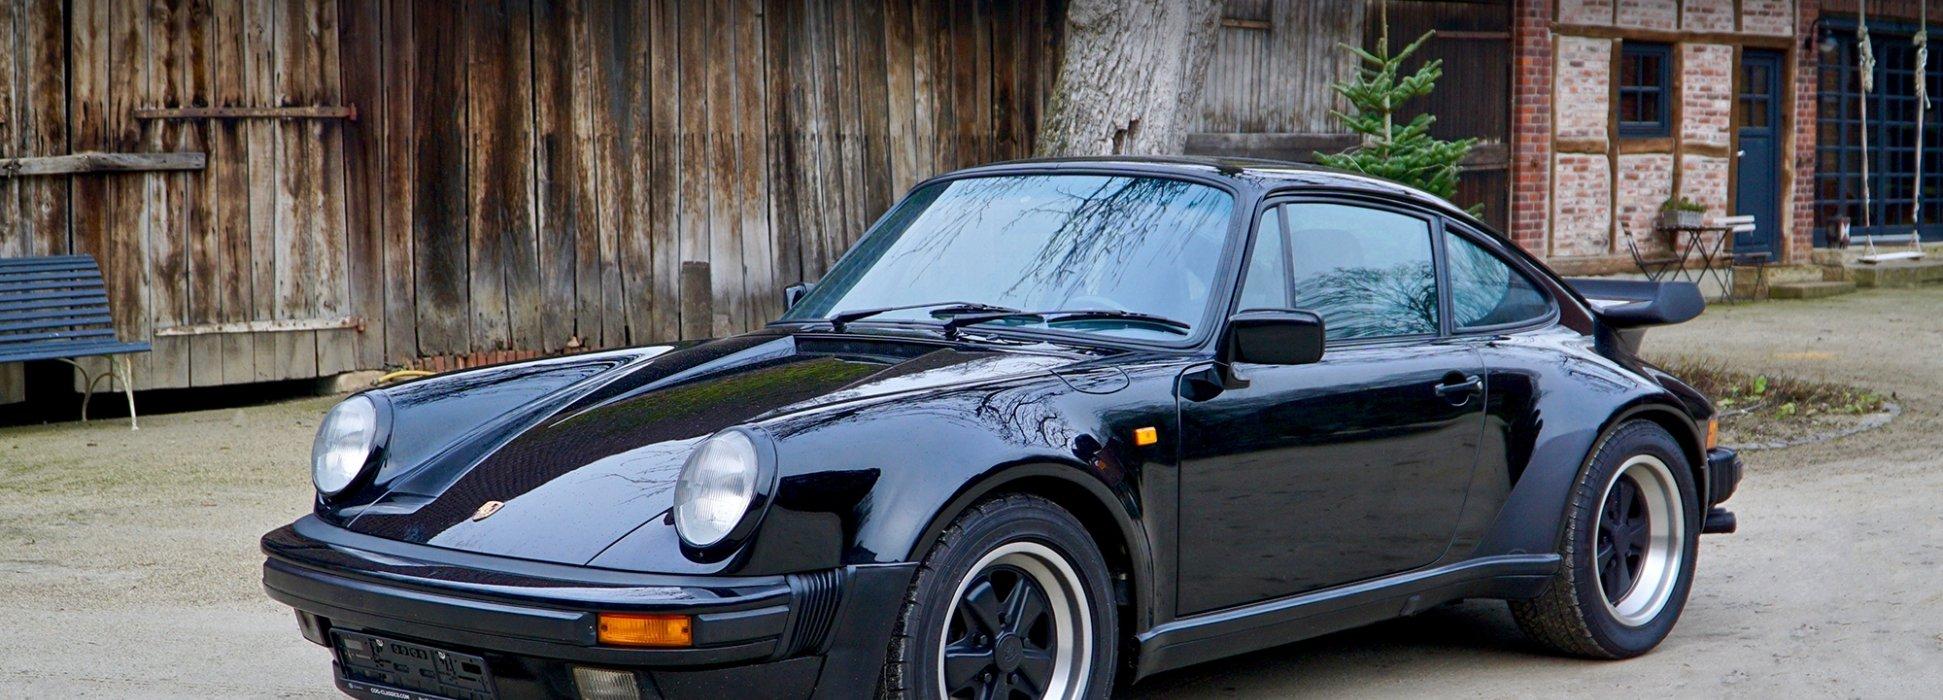 Porsche 930 Turbo Coupé 1